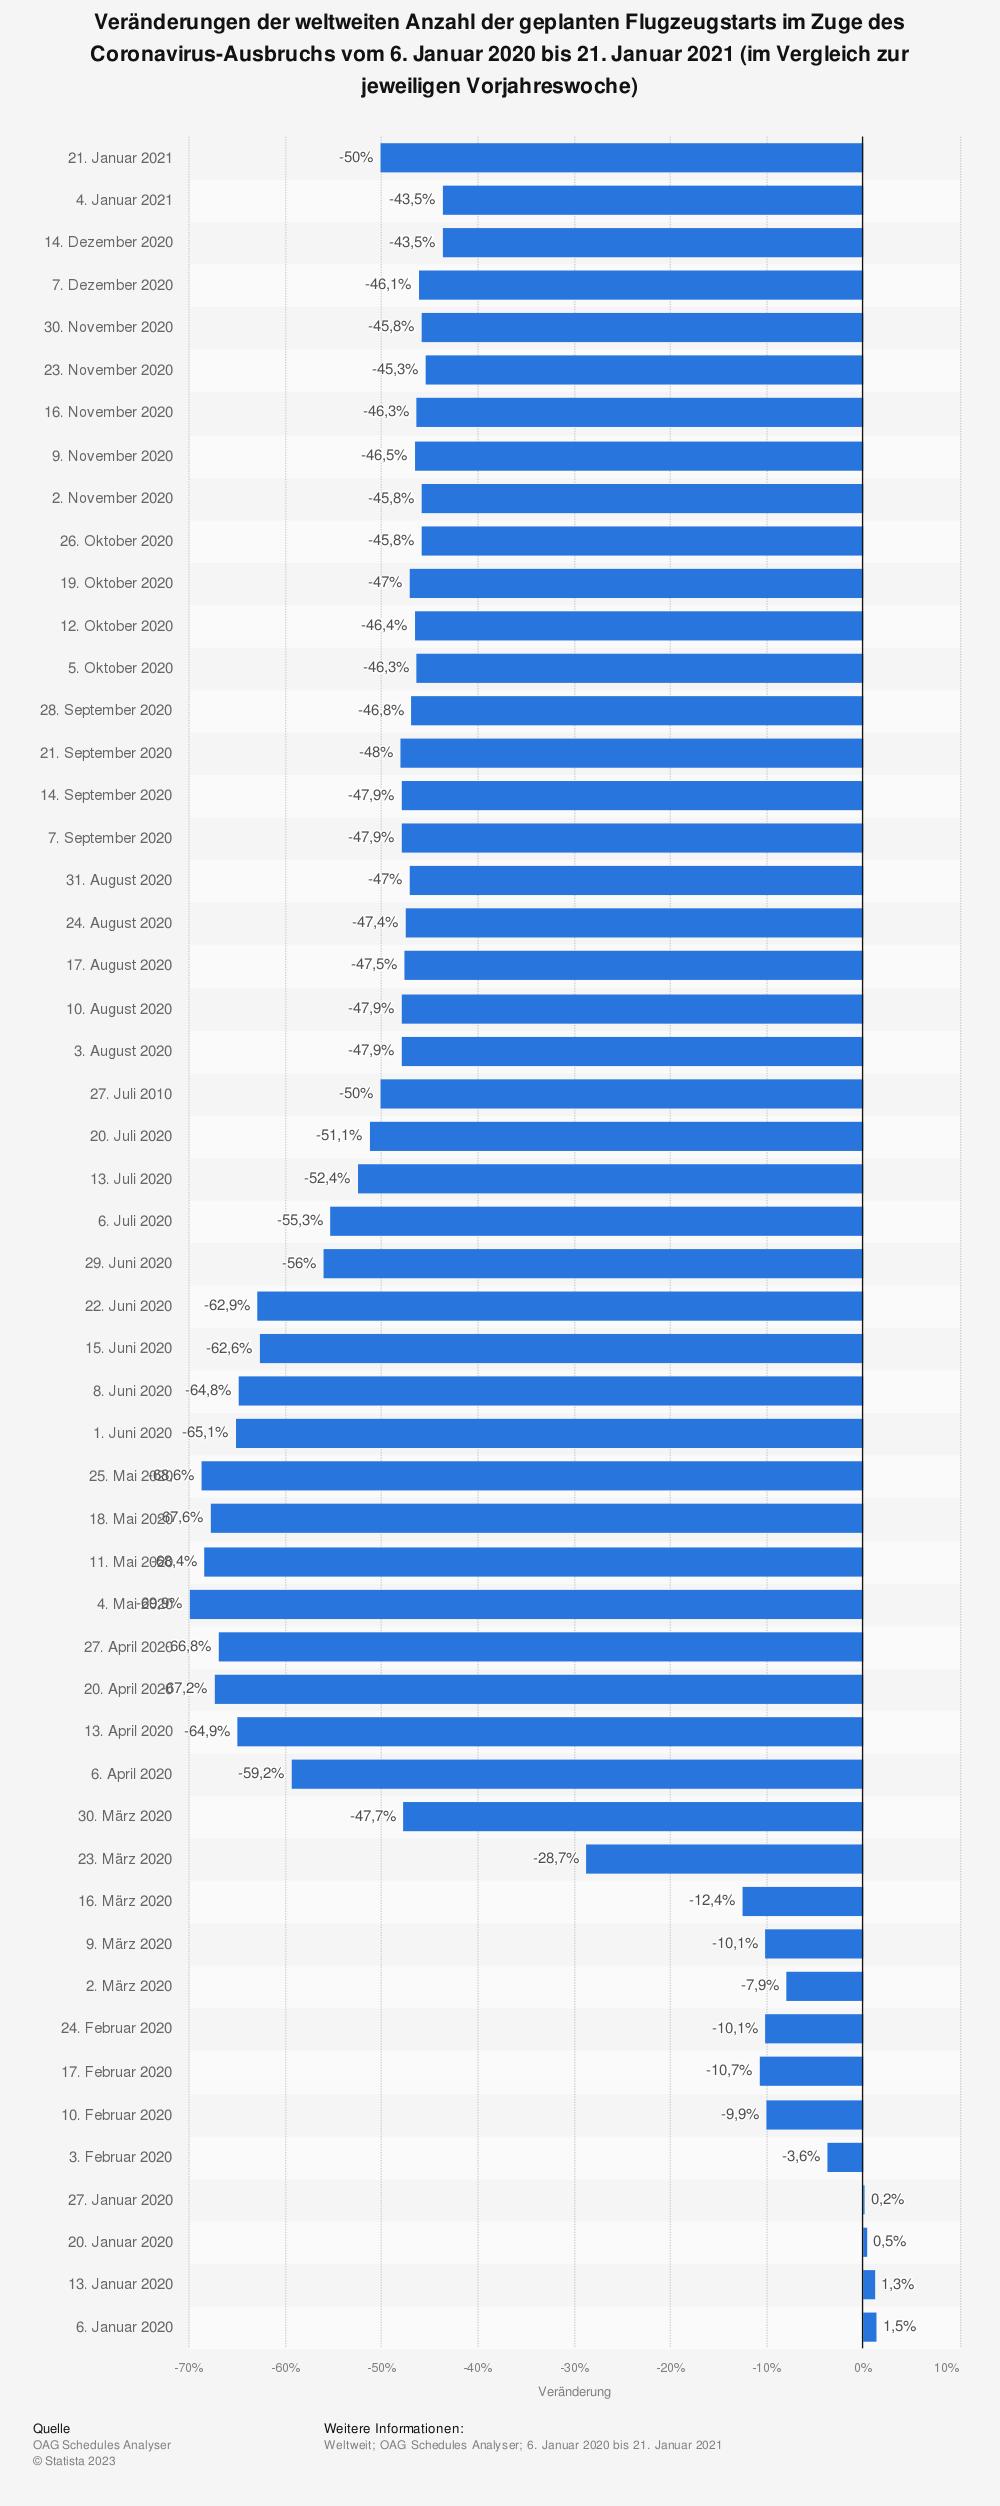 Statistik: Veränderungen der weltweiten Anzahl der geplanten Flugzeugstarts im Zuge des Coronavirus-Ausbruchs vom 6. Januar 2020 bis 21. Januar 2021 (im Vergleich zur jeweiligen Vorjahreswoche) | Statista